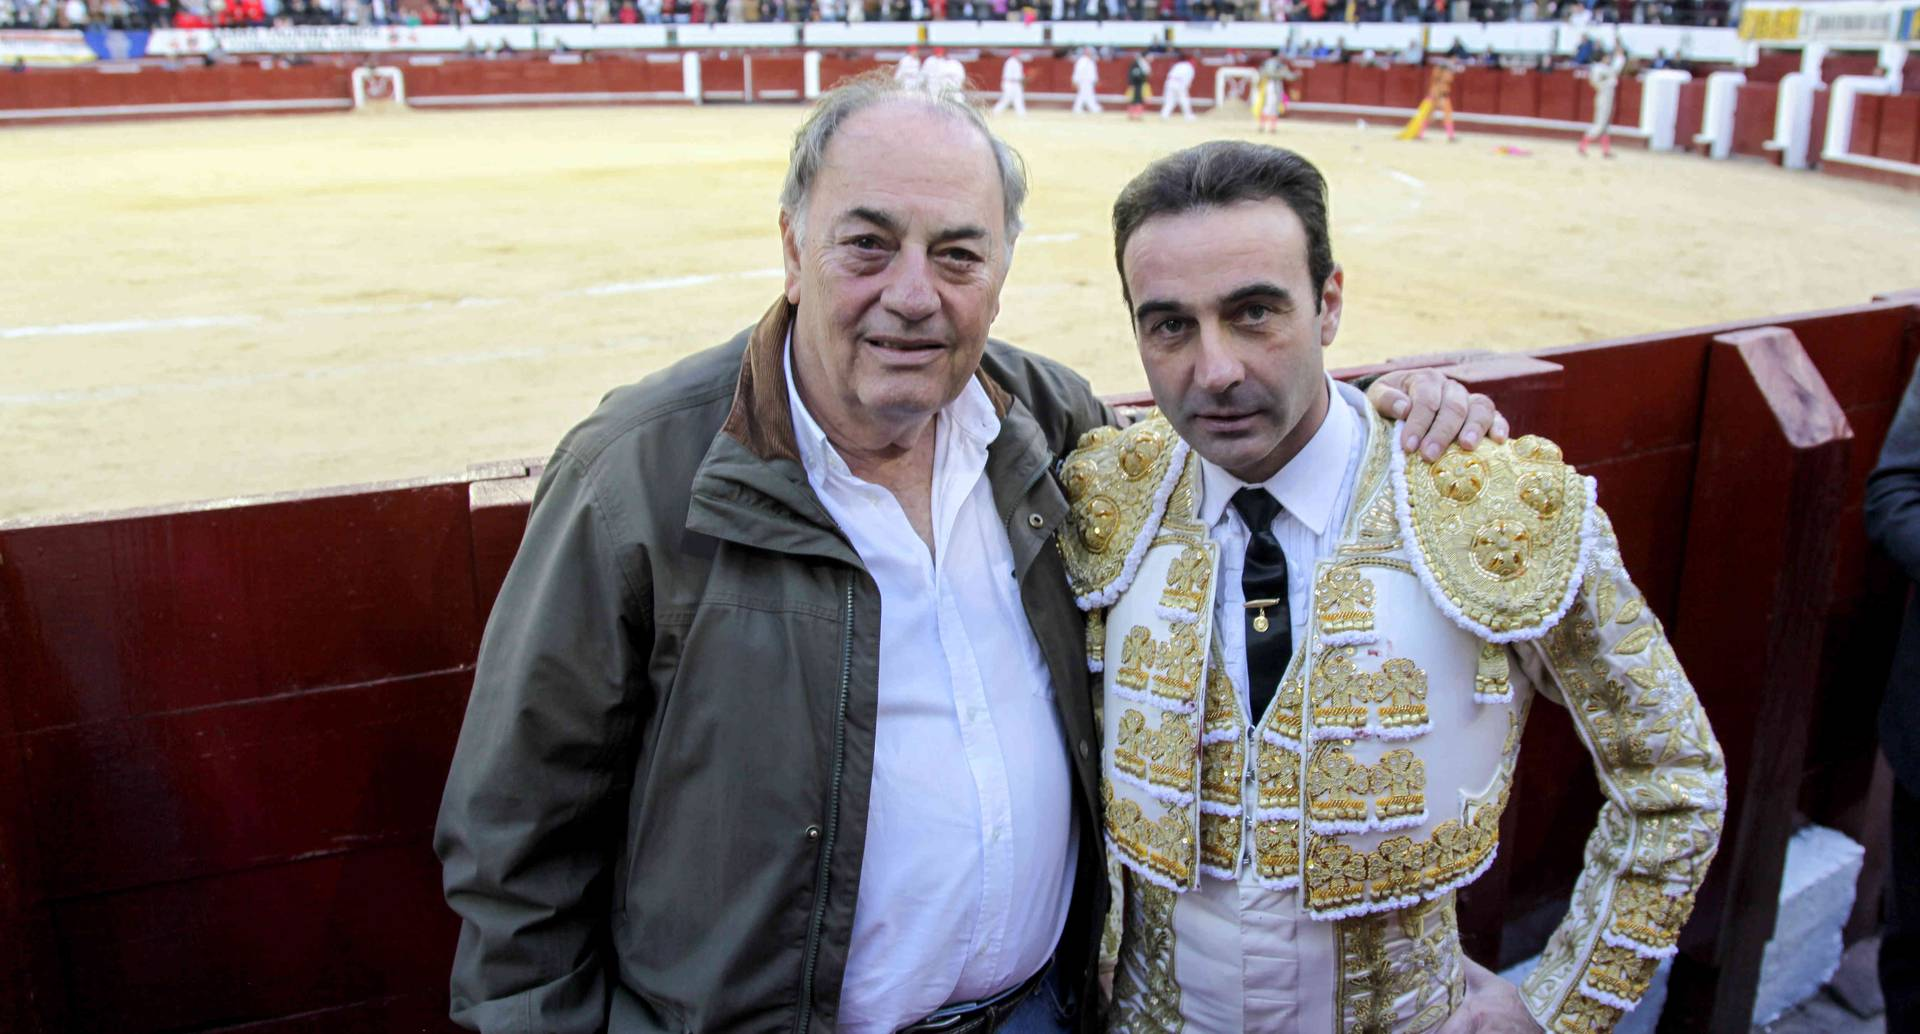 Santiago Tobón y Enrique Ponce. foto: Diana Rey Melo